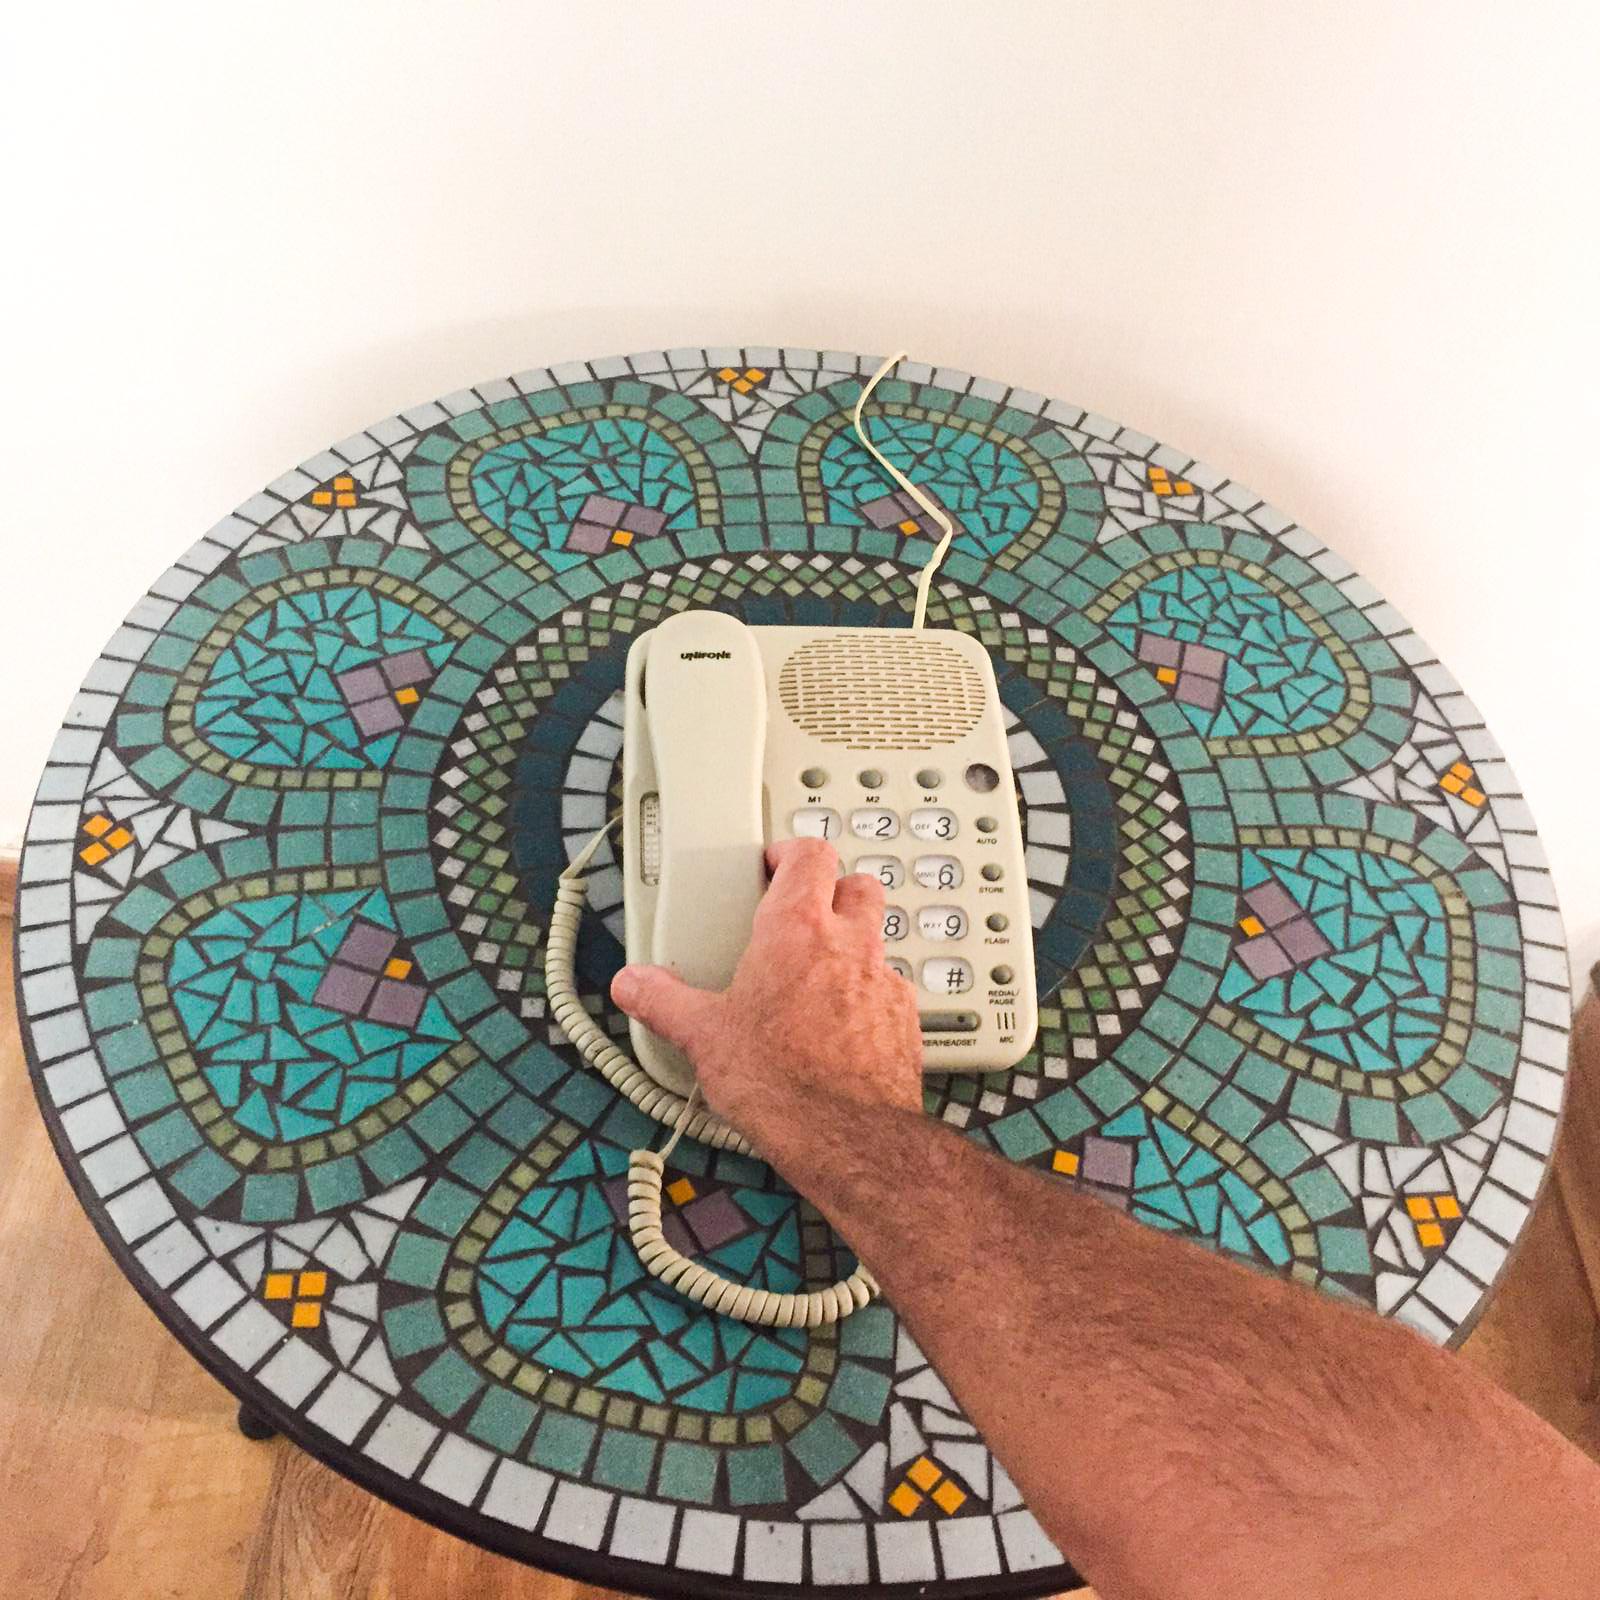 עמי אשרמן מטפל הרצליה טלפון